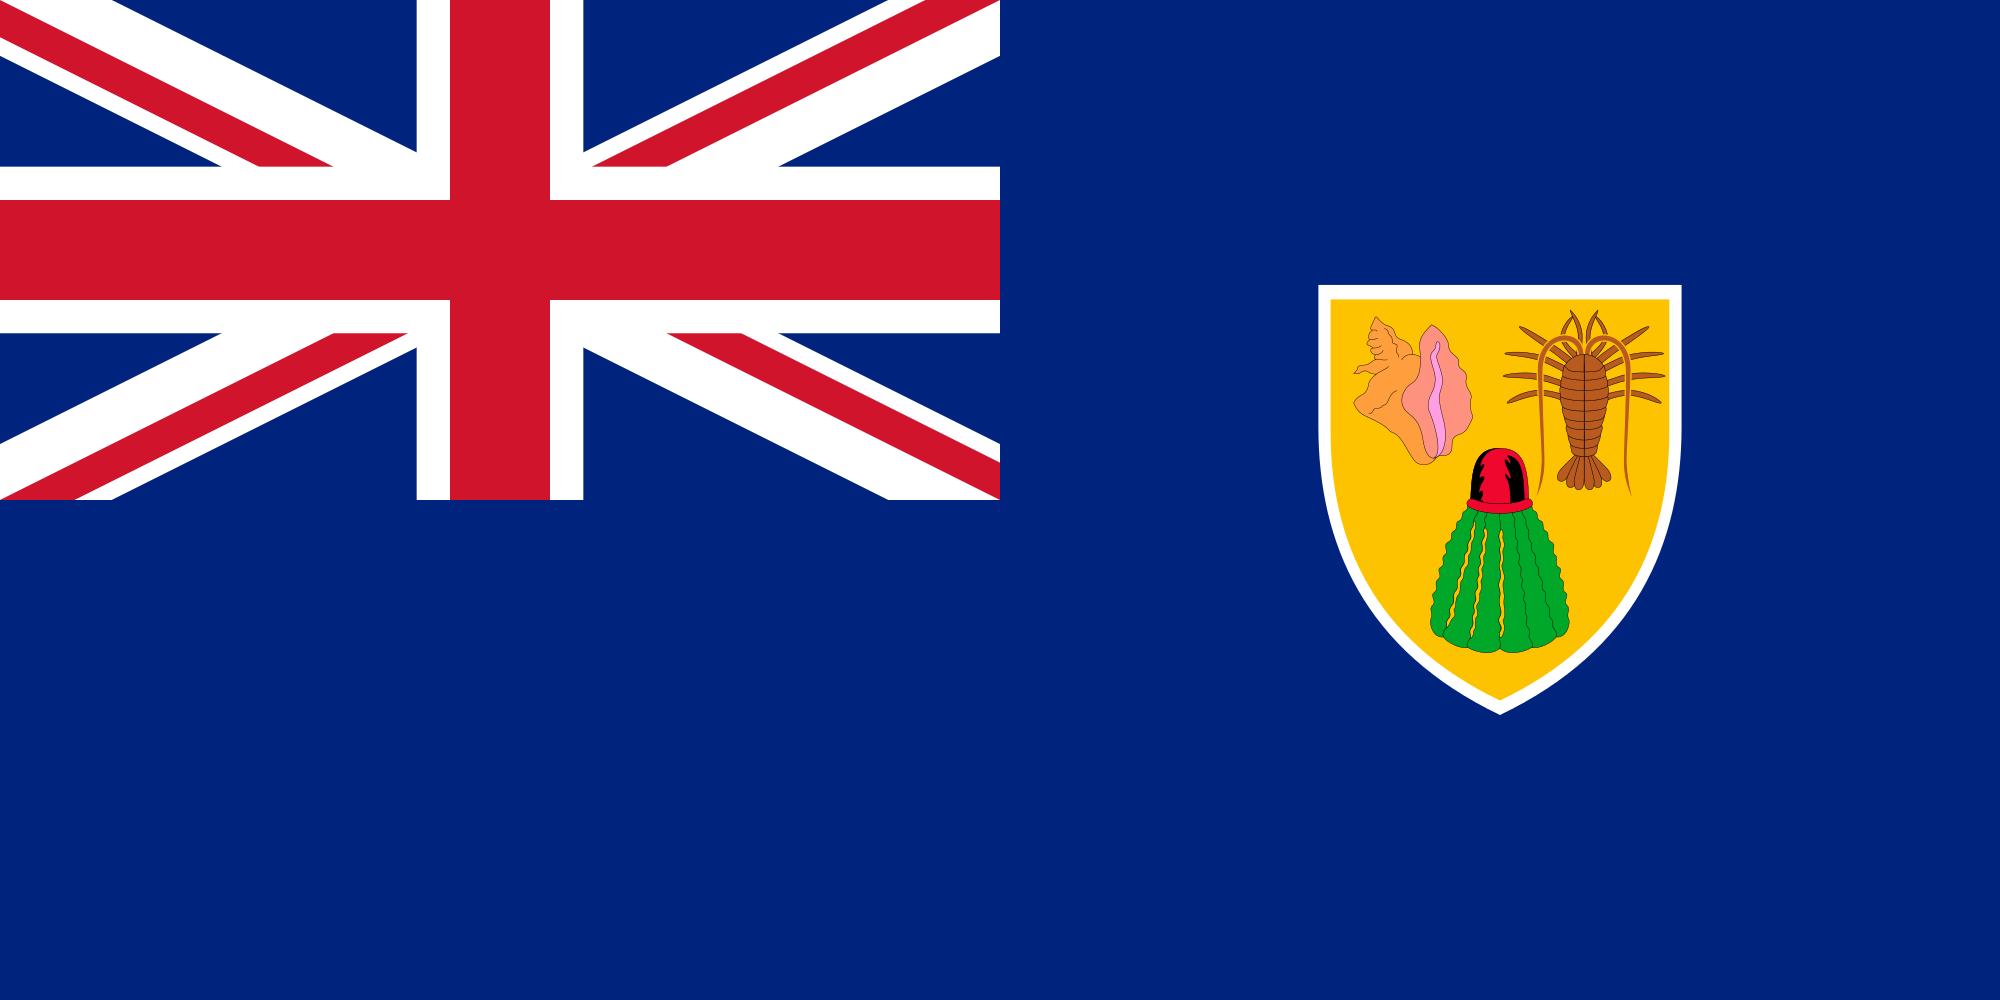 islas turcas y caicos, país, emblema, insignia, символ - Обои HD - Профессор falken.com